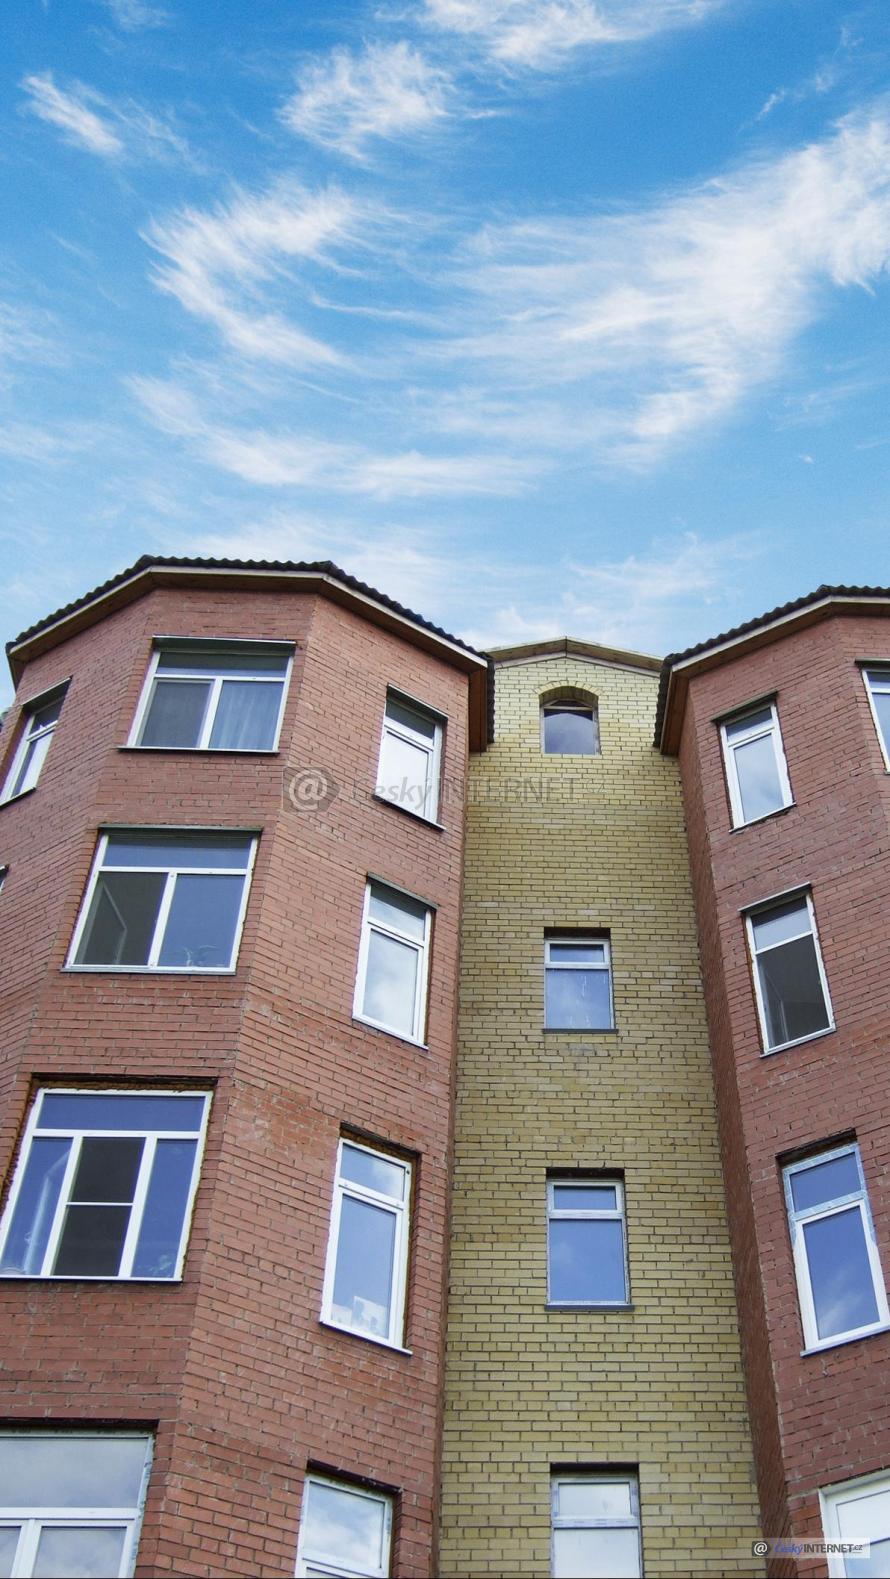 Moderní architektura, bytové domy.